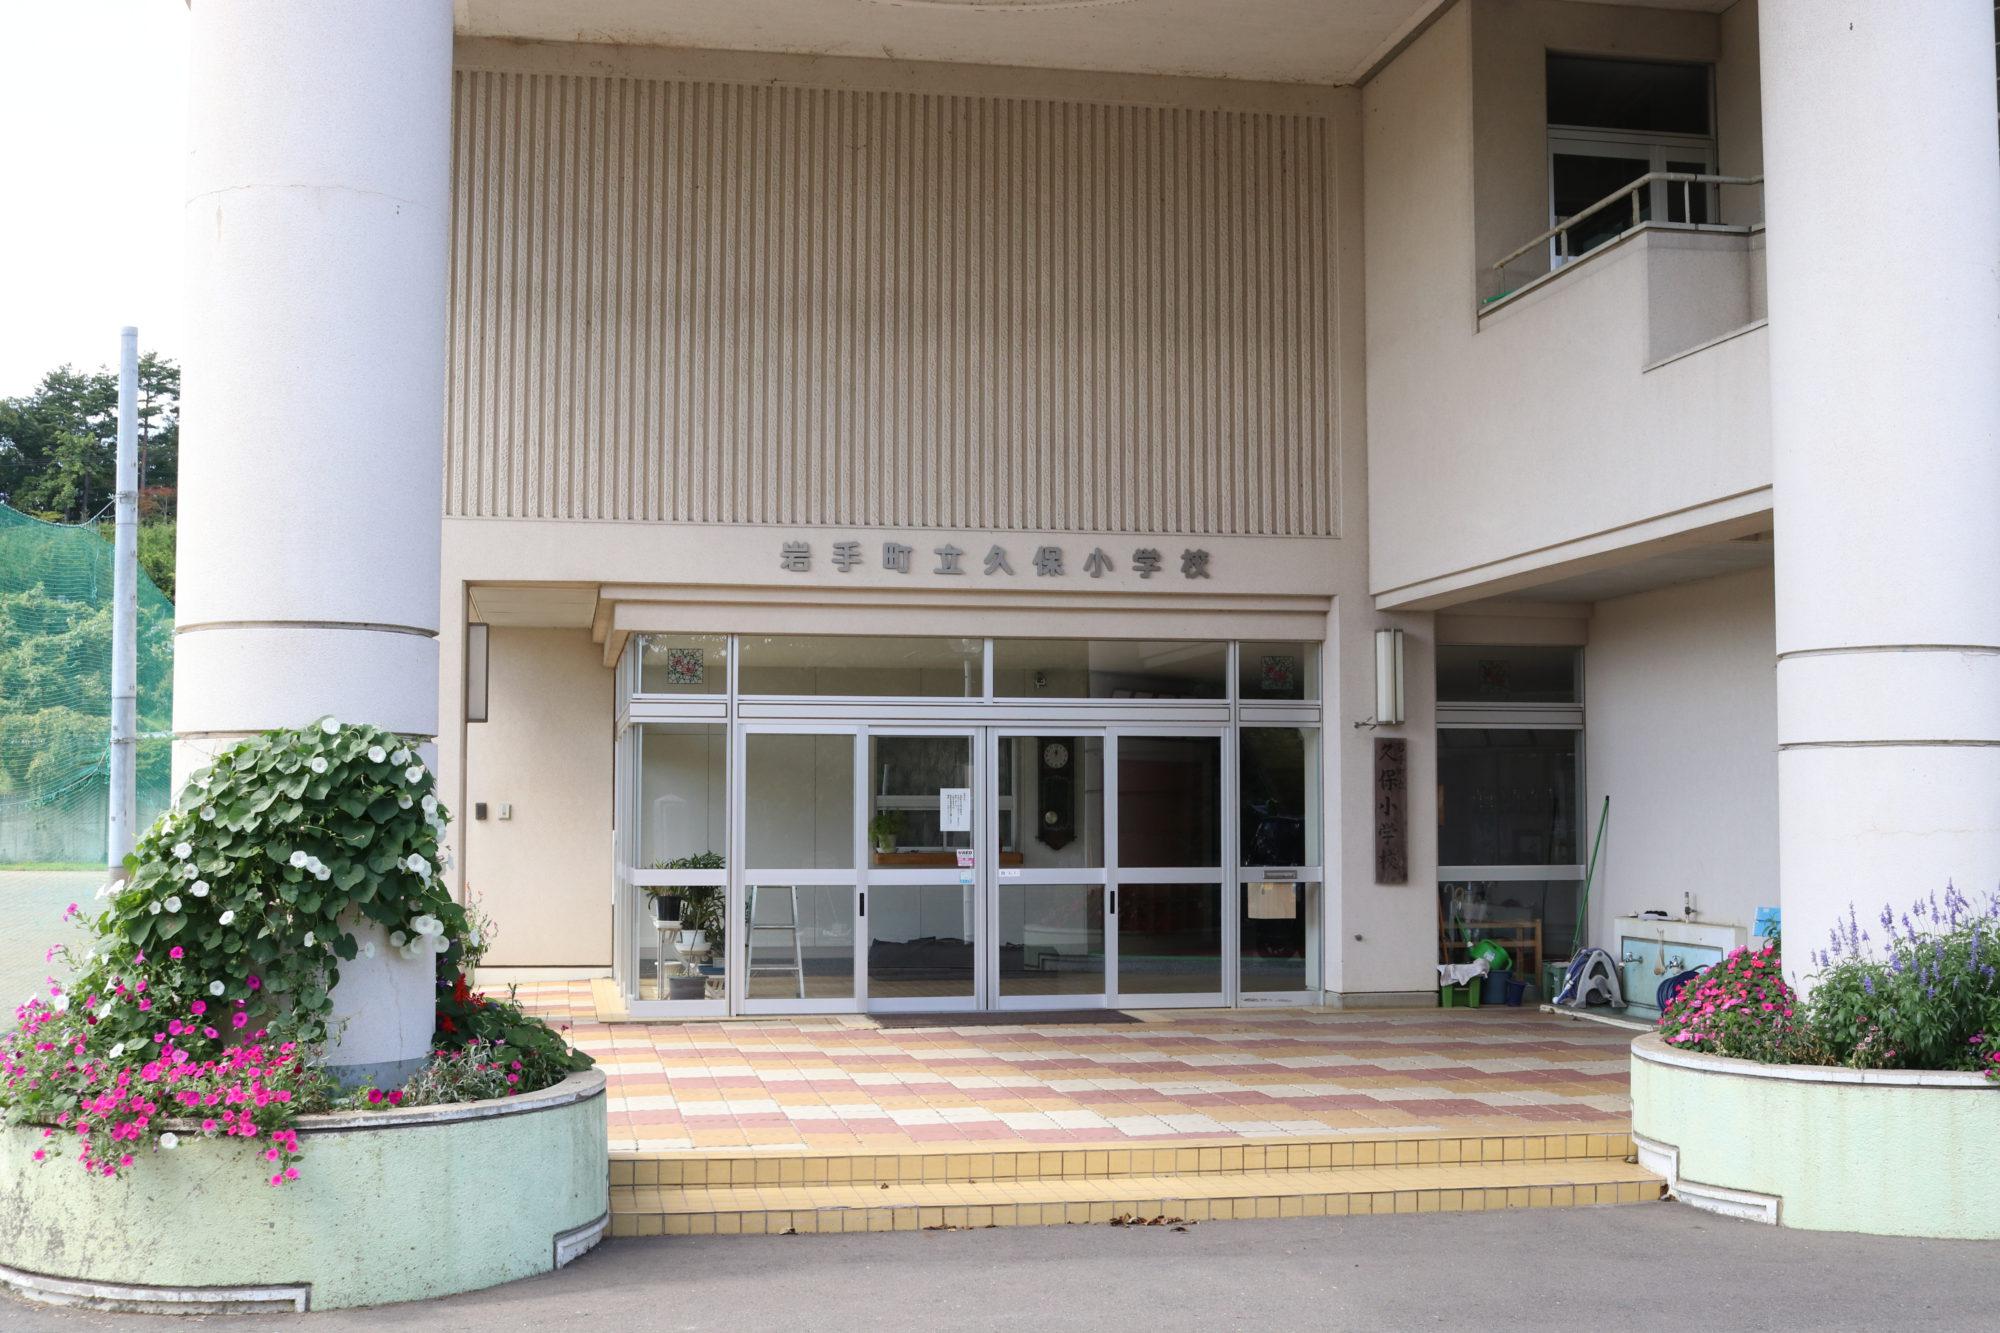 久保小学校-外観1